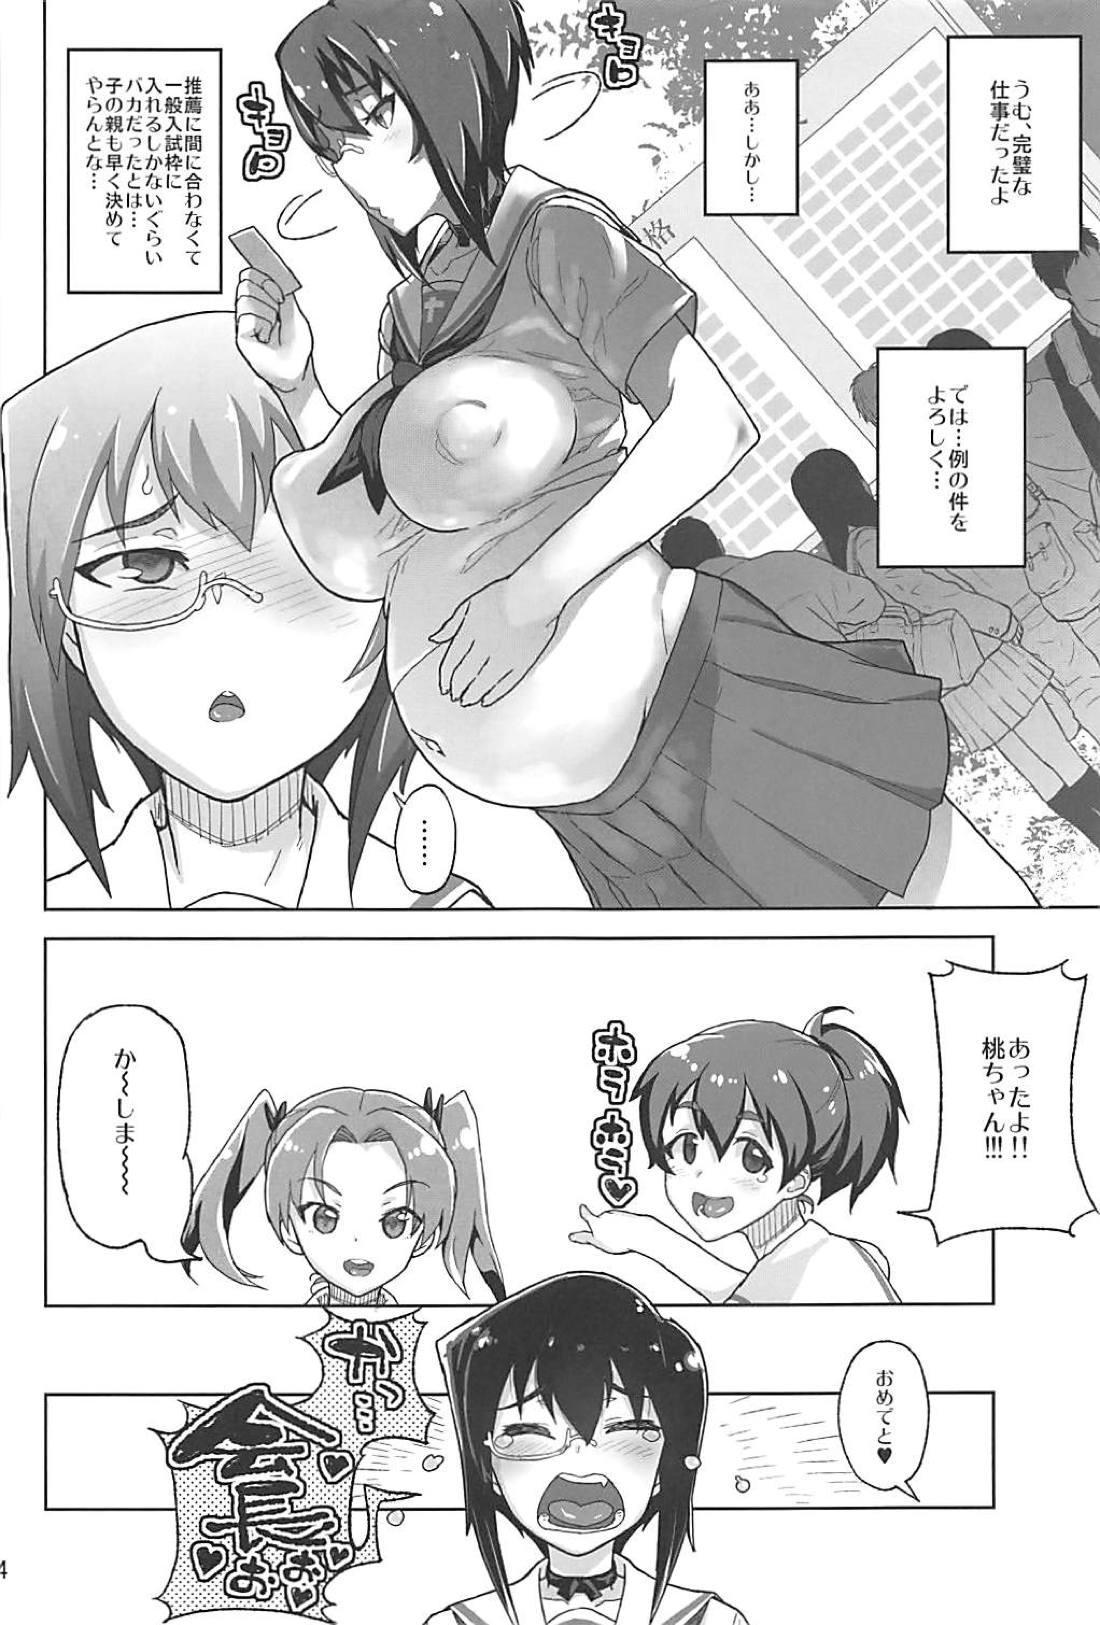 Houshu to Shite wa Kusozako dakedo, Chinpou no Atsukai dake wa Tottemo Jouzu na Momo-chan 22